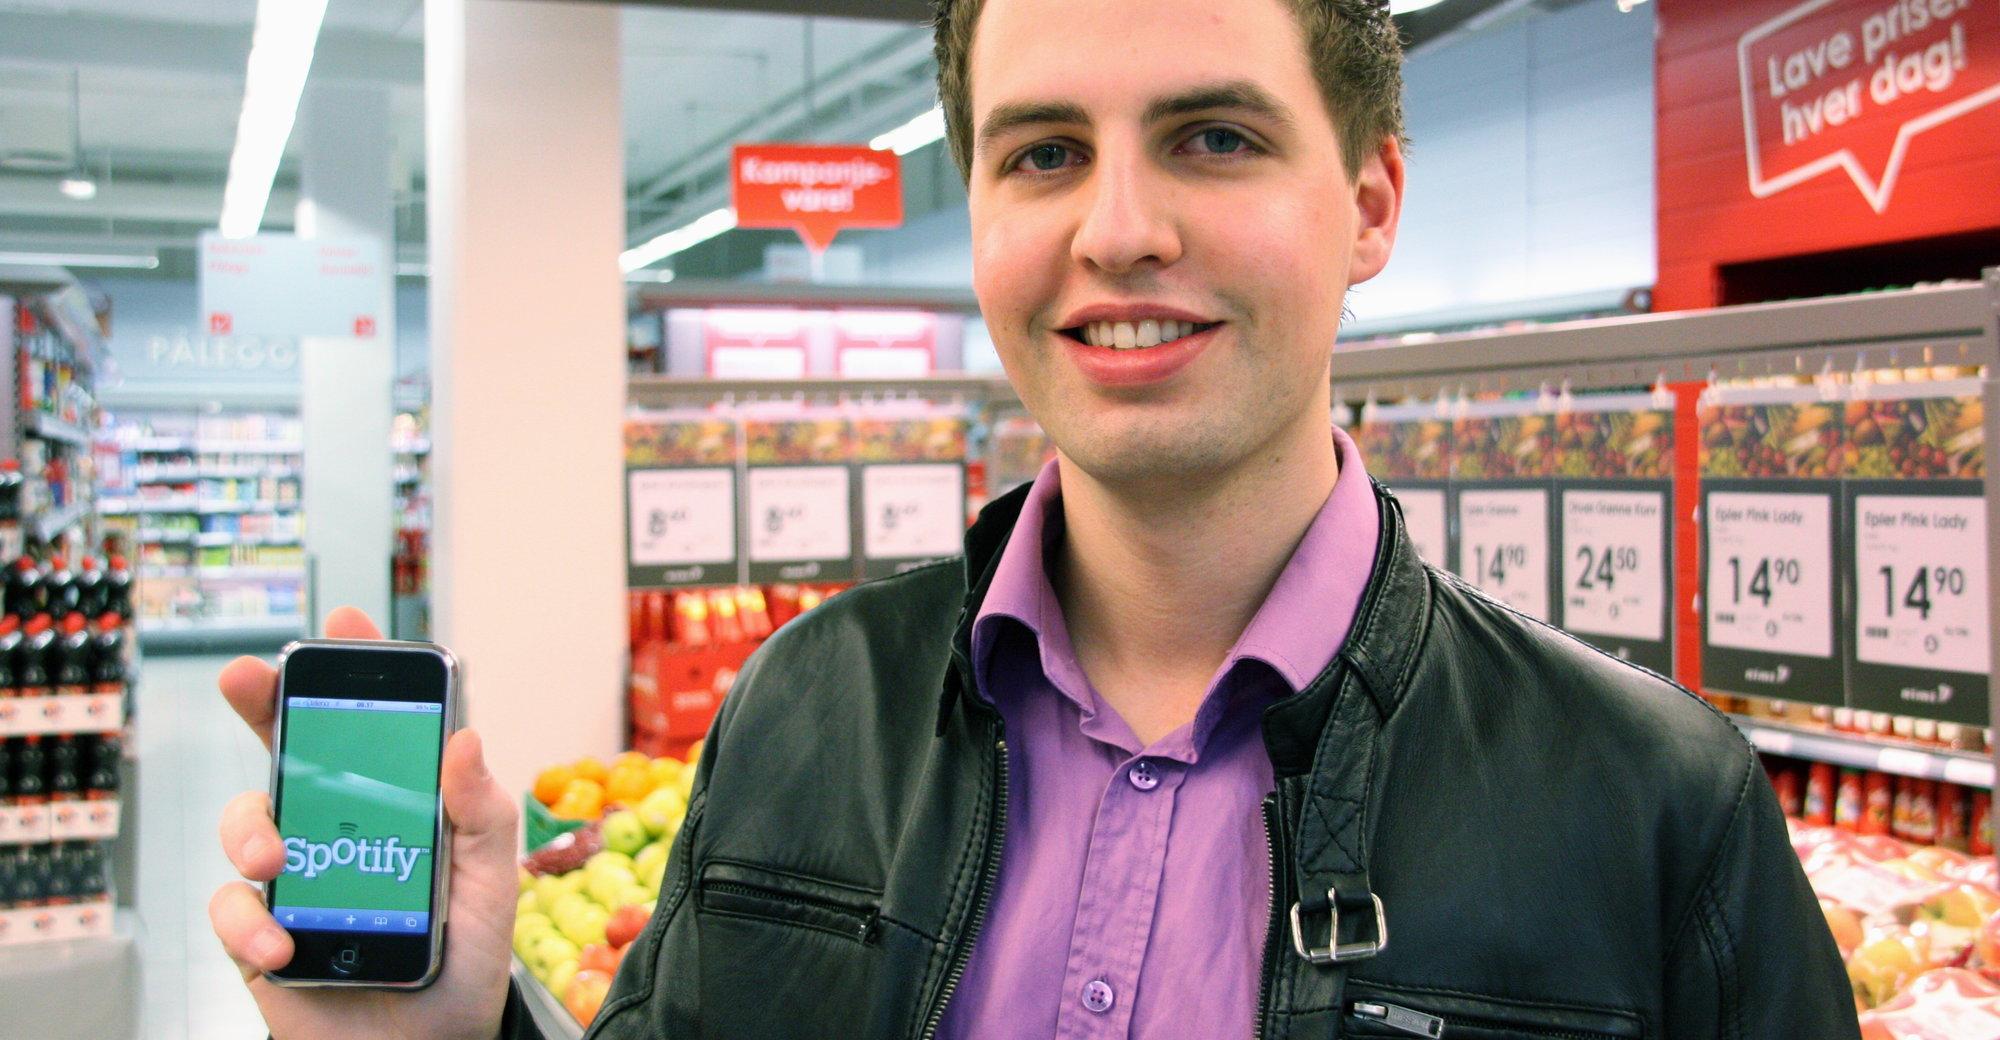 André Sunnevåg Olsen fra ICA Norge AS er stolt over å kunne selge Spotify på over 600 Rimi og Ica-butikker i Norge.